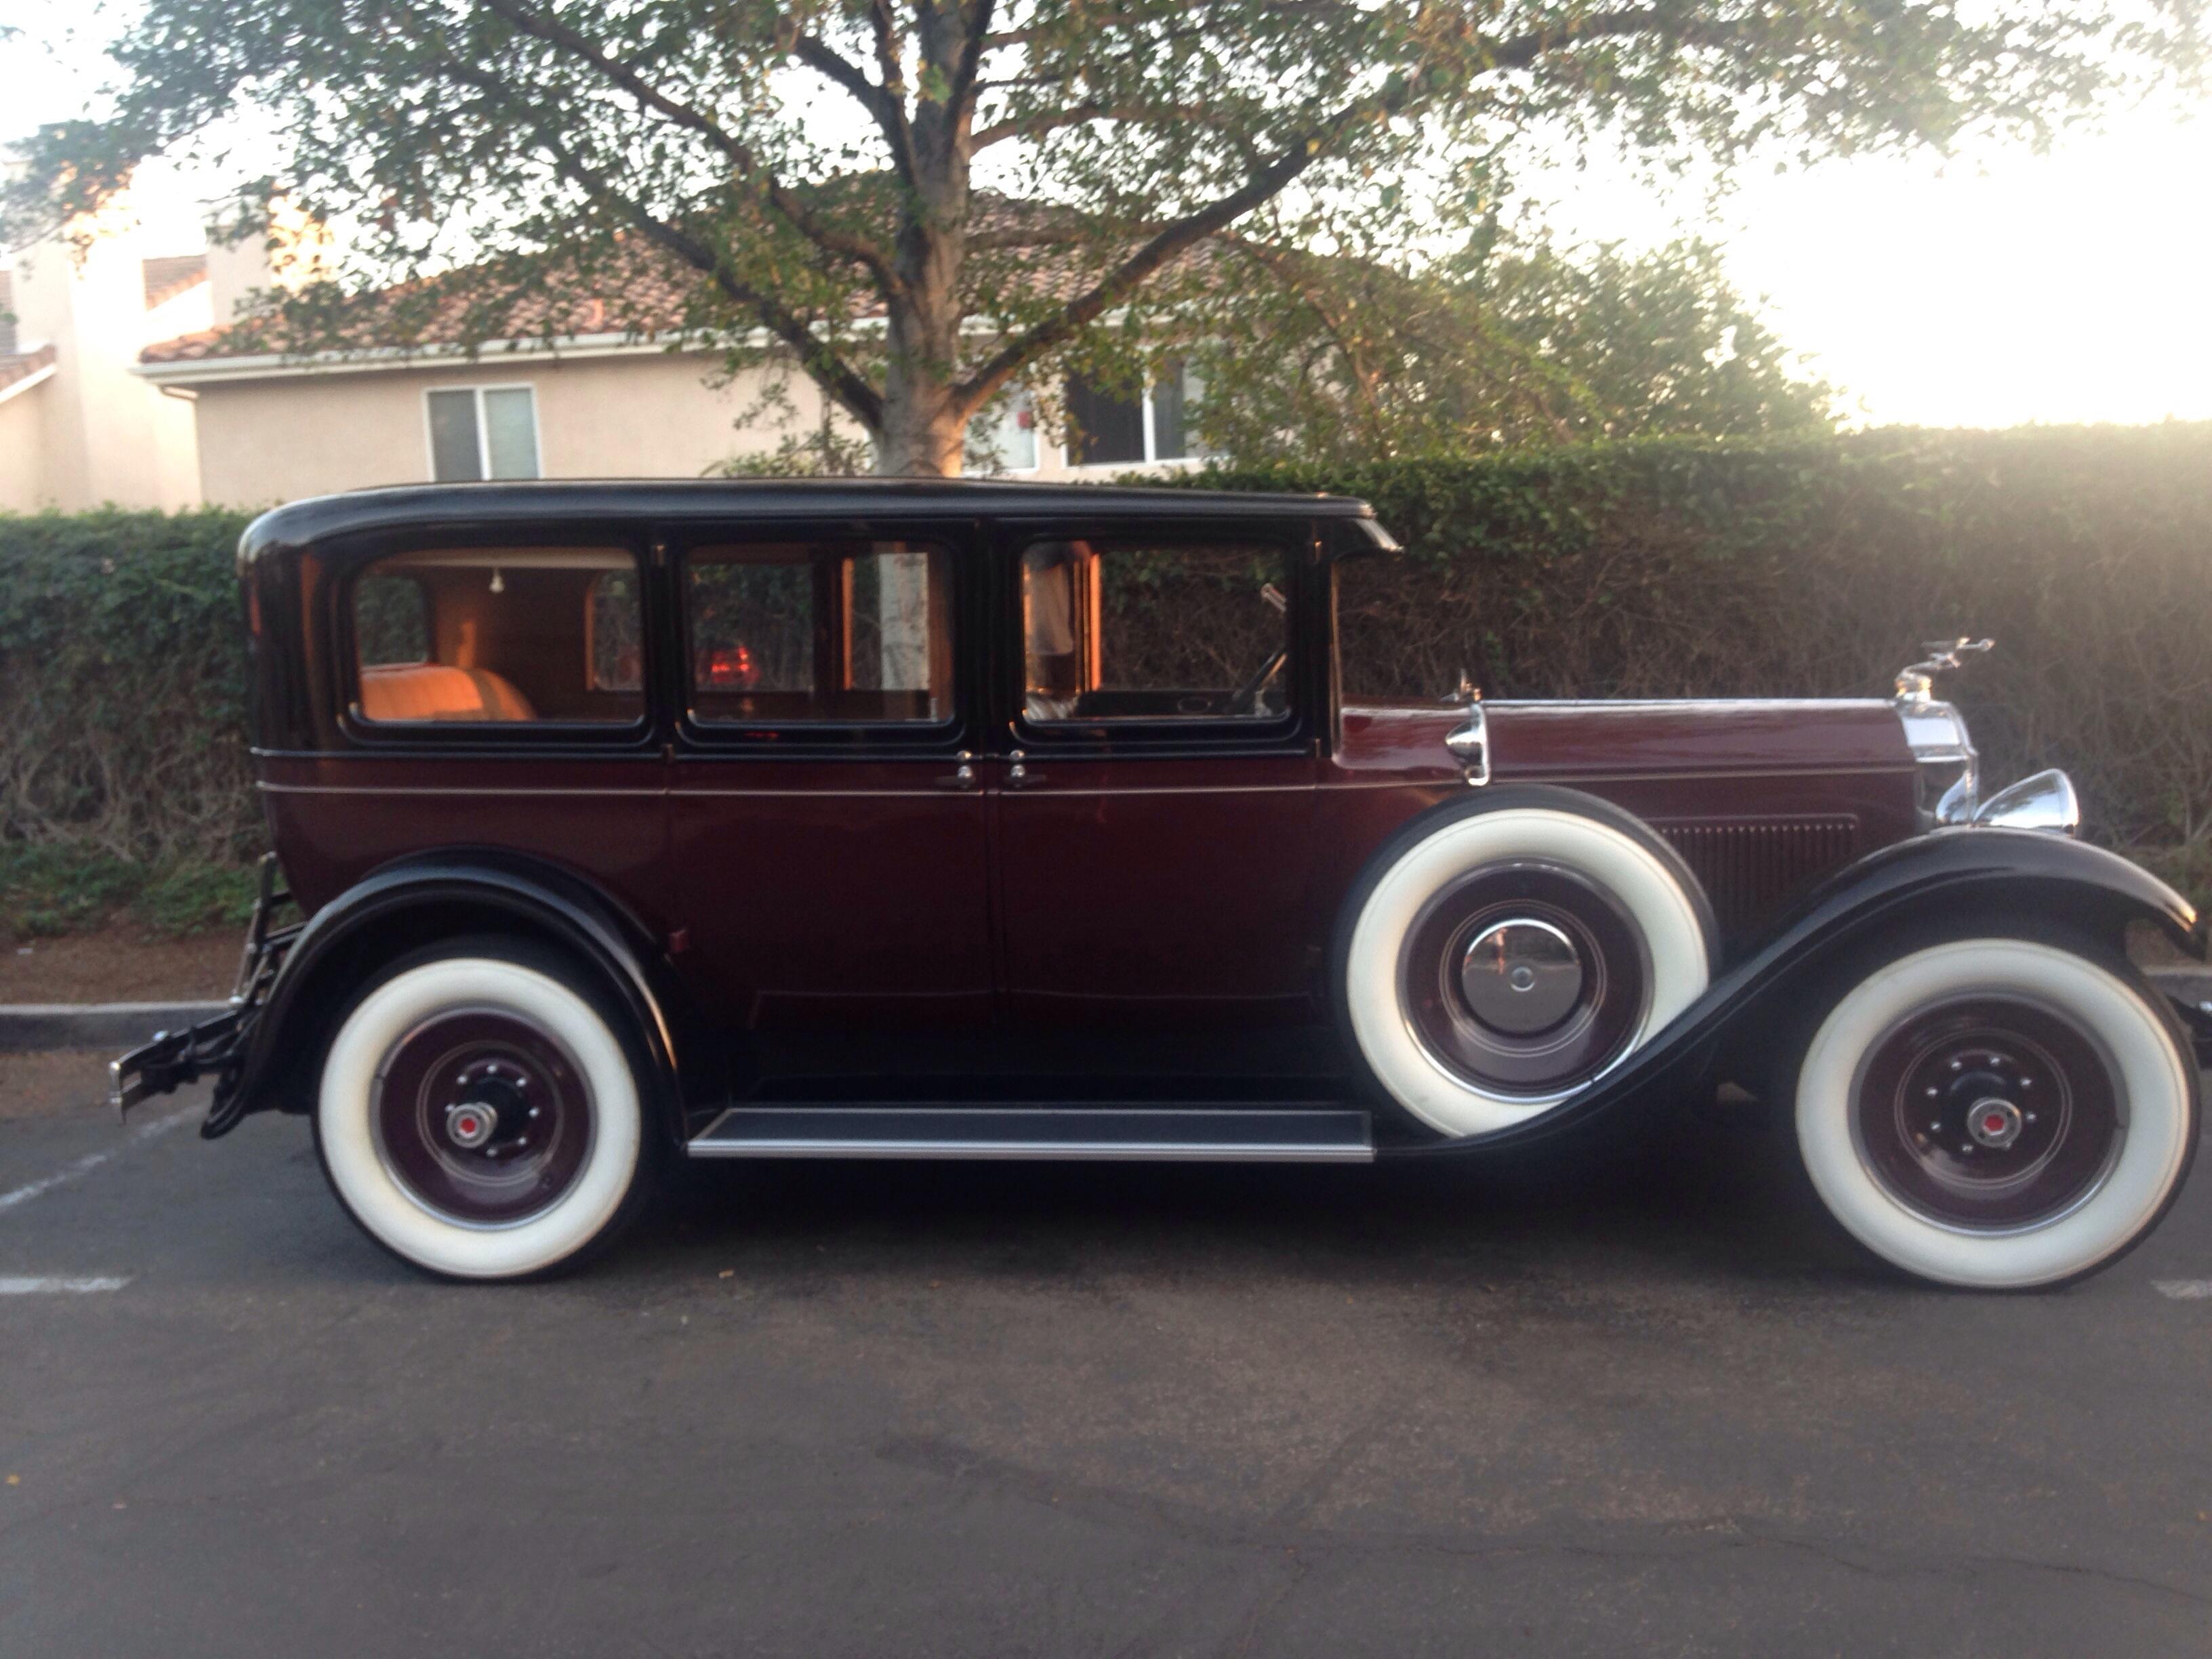 Vintage Packard